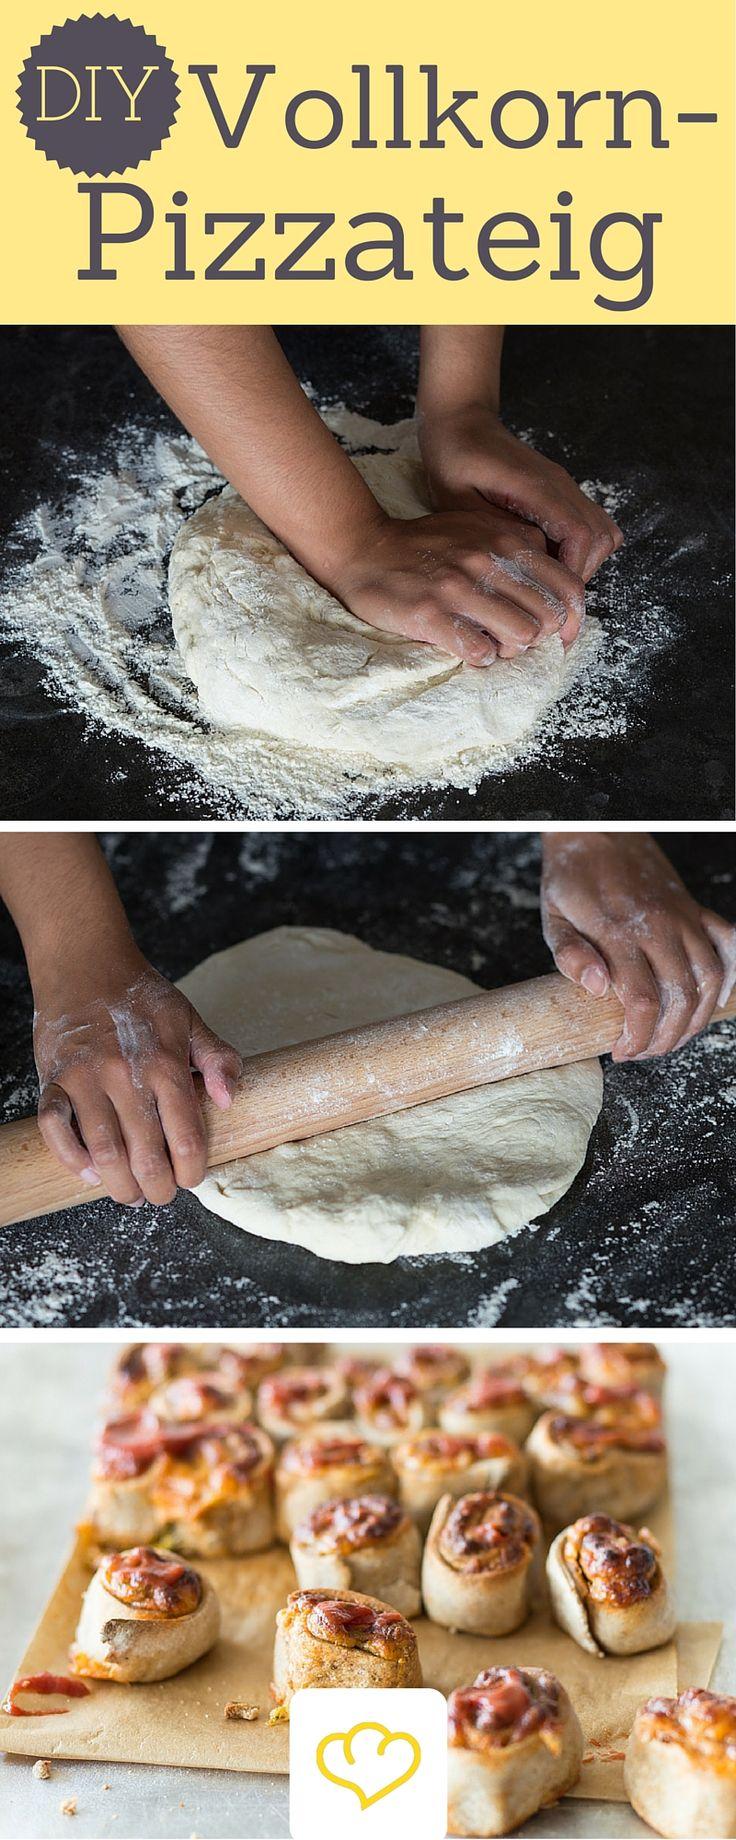 Pizza geht auch gesund! Diesen leckere Vollkorn-Boden, belegt mit frischen Zutaten, kann man ohne schlechtes Gewissen genießen!